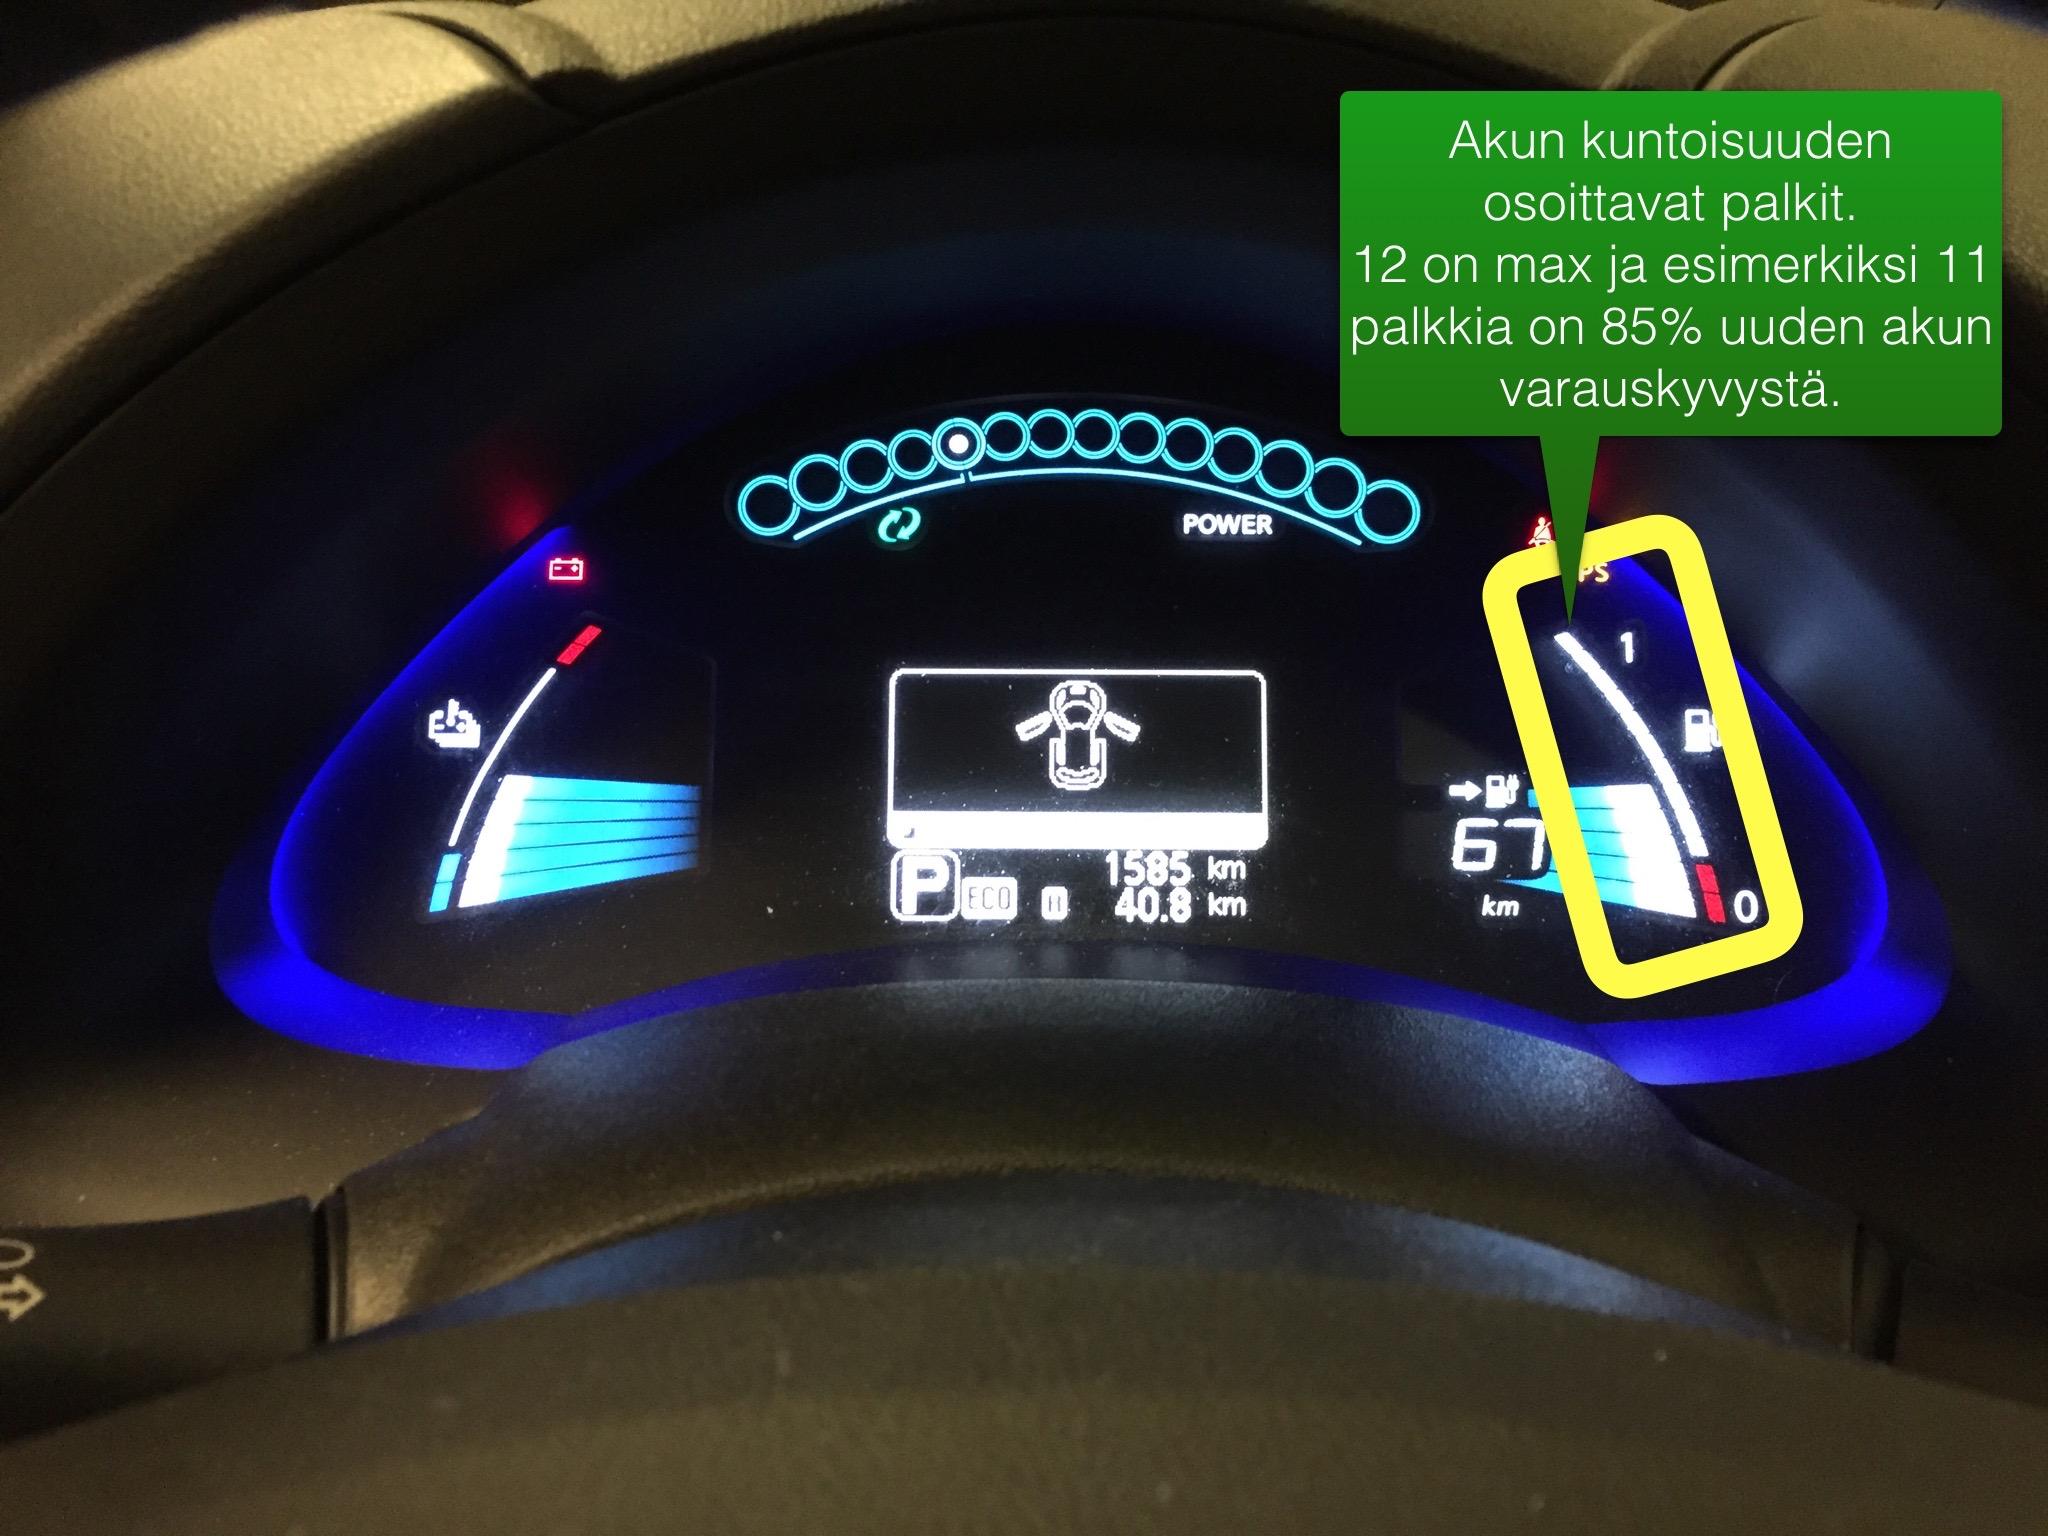 Sähköauto akun vaihto